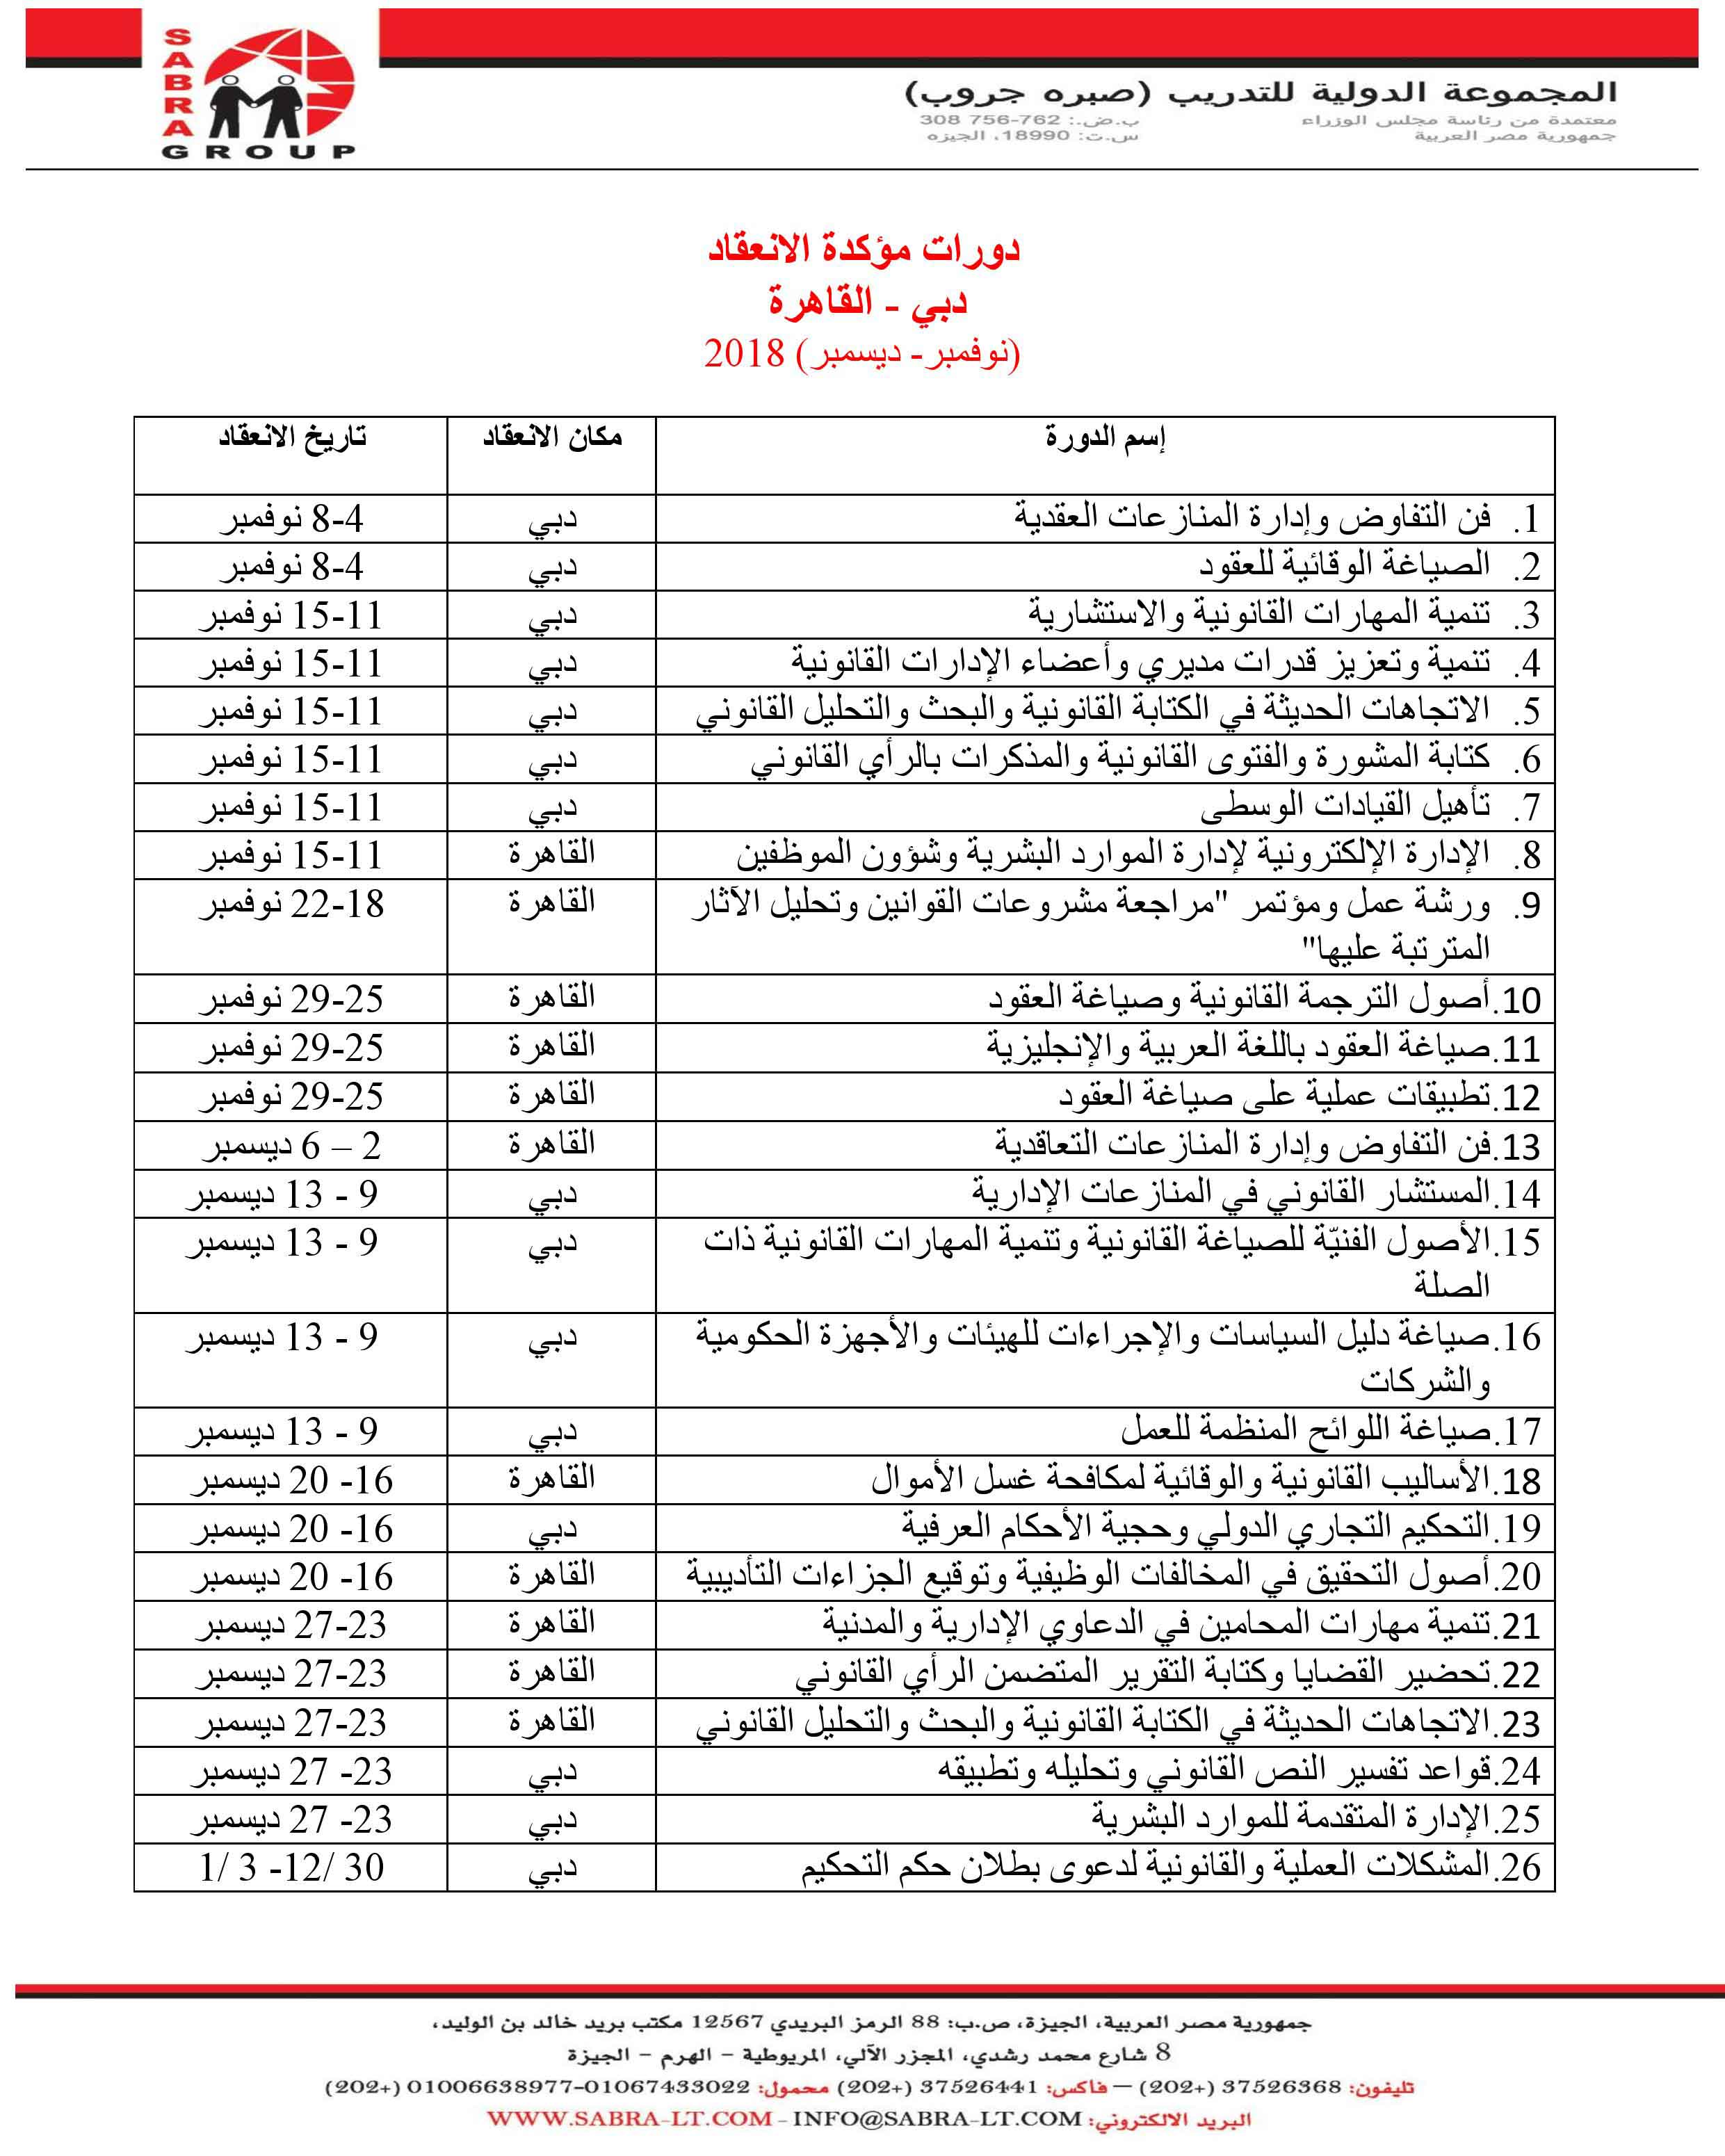 دورات مؤكدة الانعقاد القاهرة